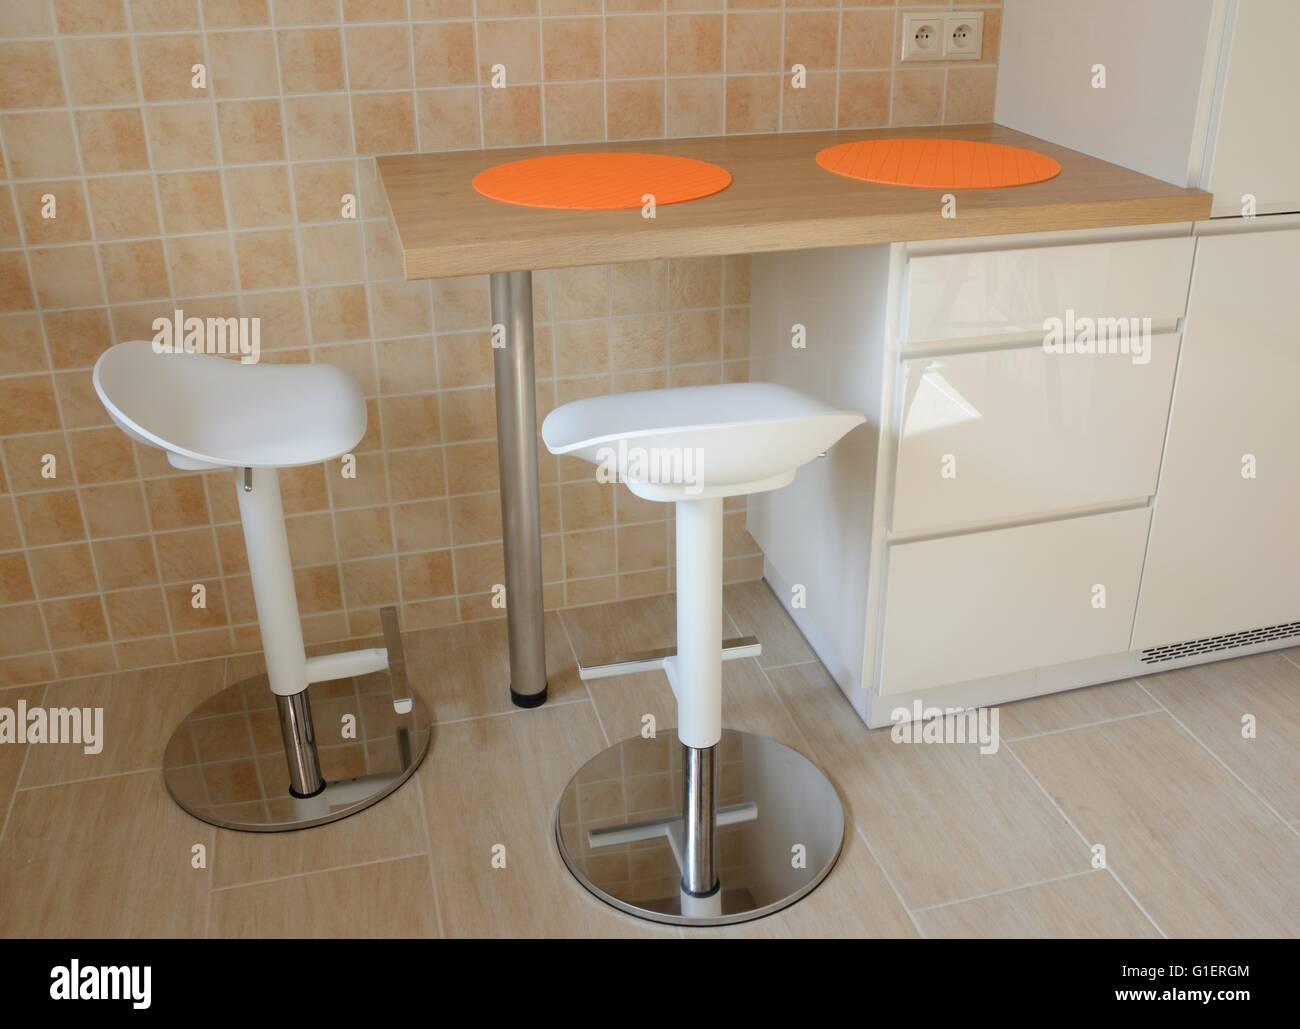 Due sgabelli girevoli e cucina piccola tabella con orange tablemats